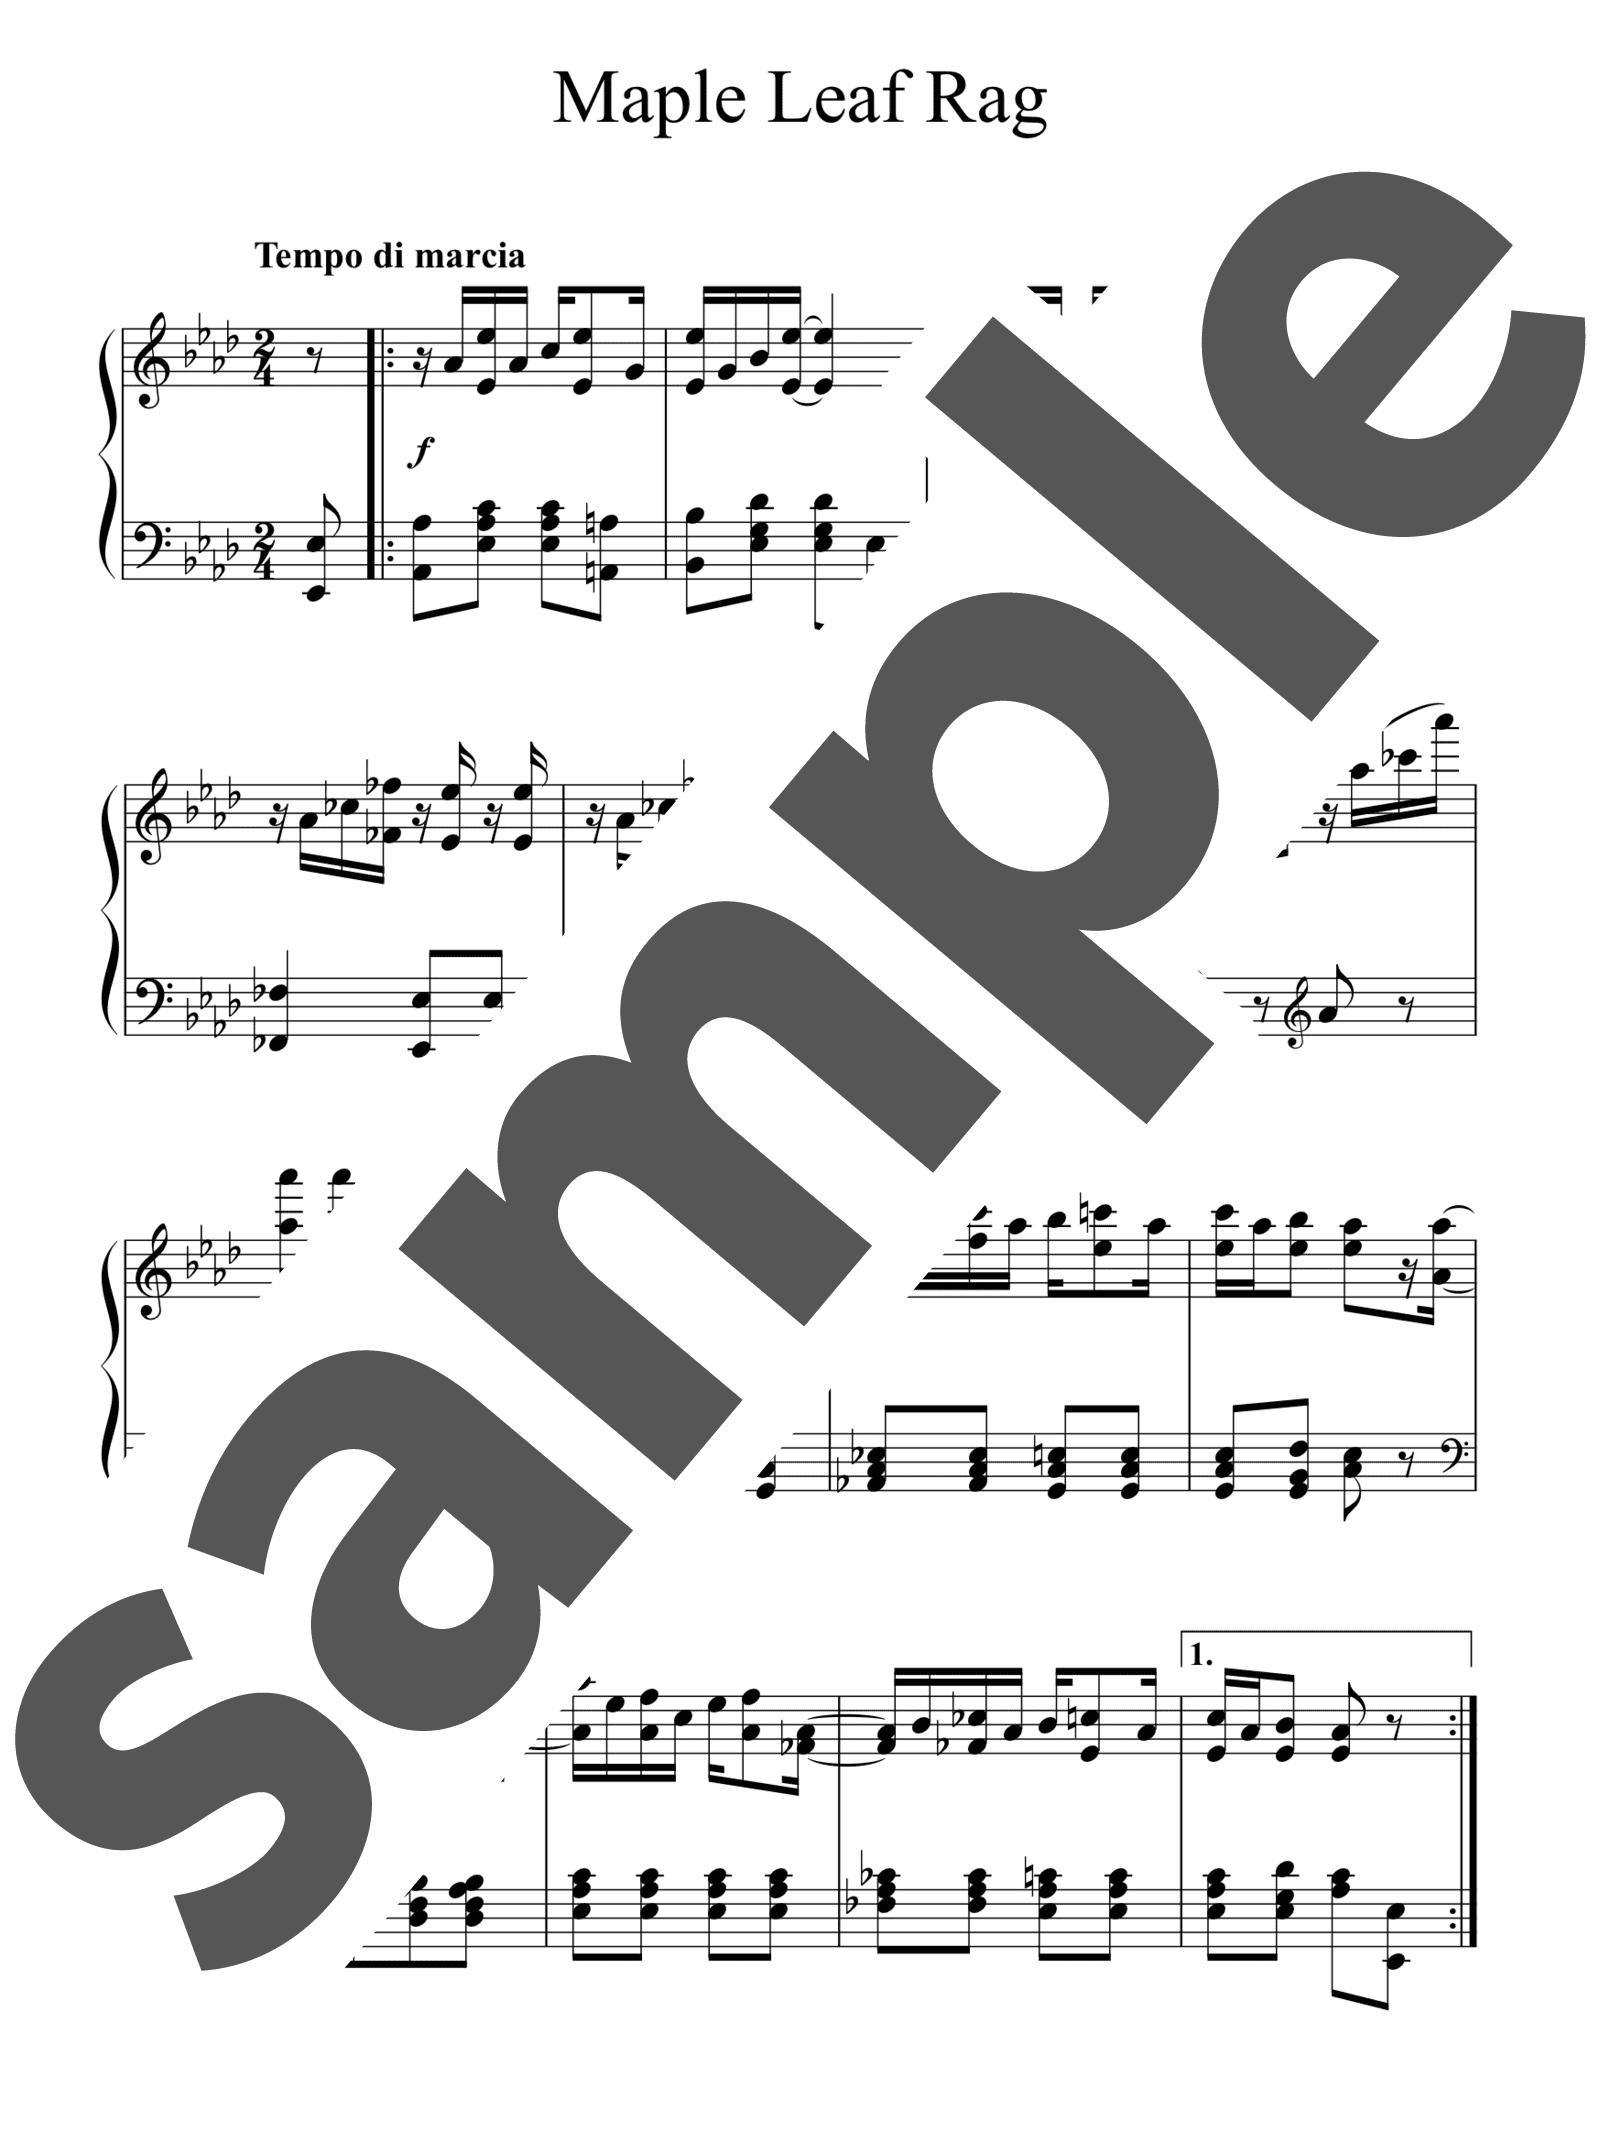 「メープル・リーフ・ラグ」のサンプル楽譜